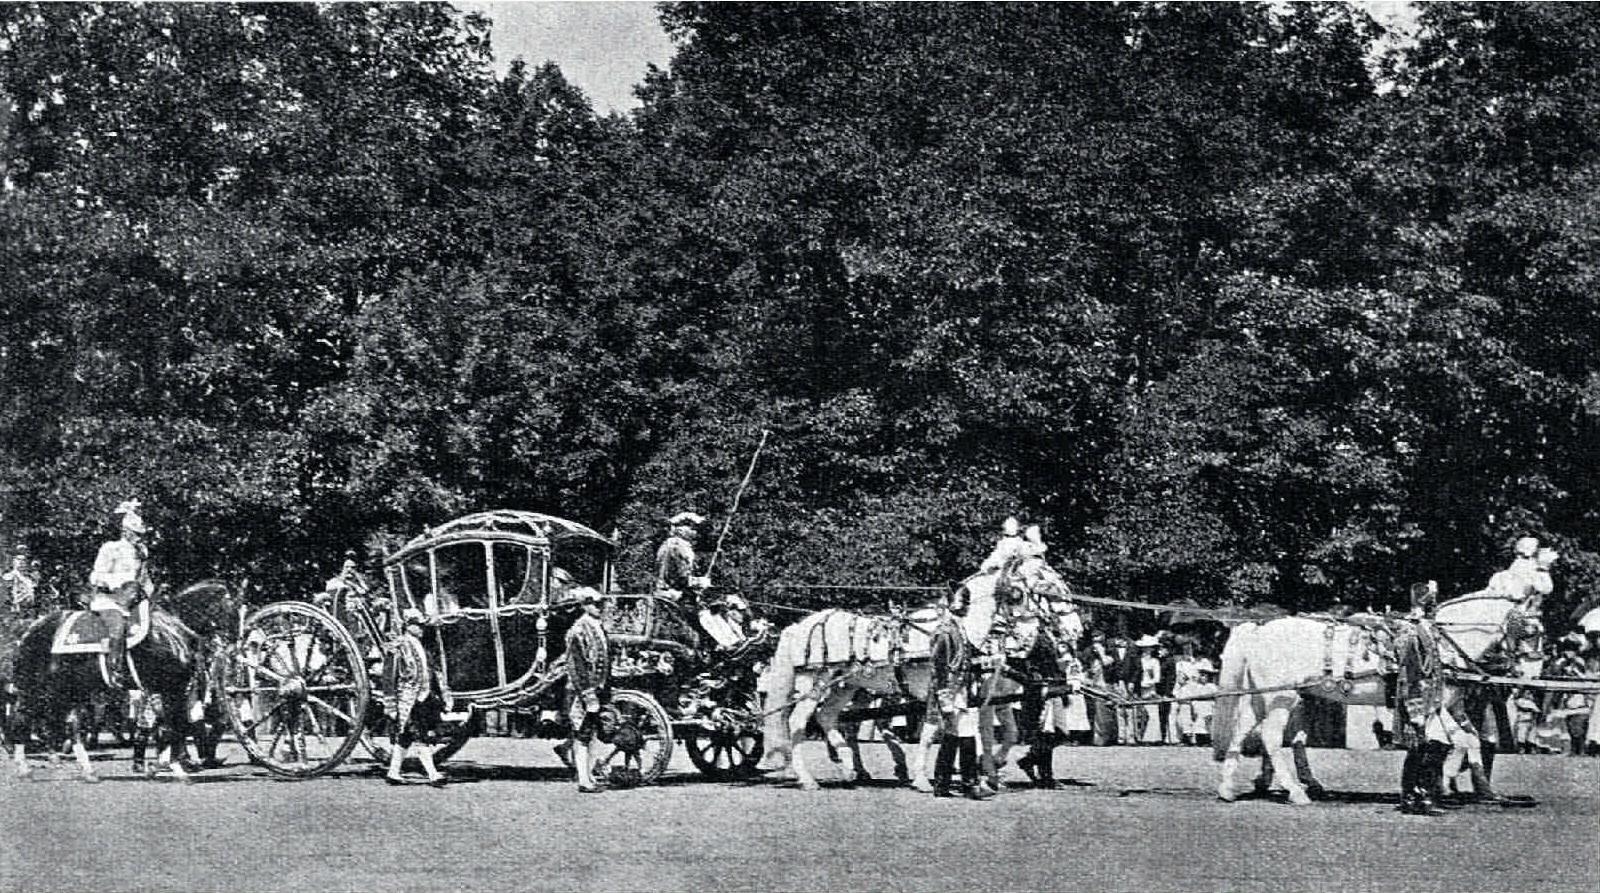 1901. Крещение великой княжны Анастасии Николаевны. Выезд в Новый дворец